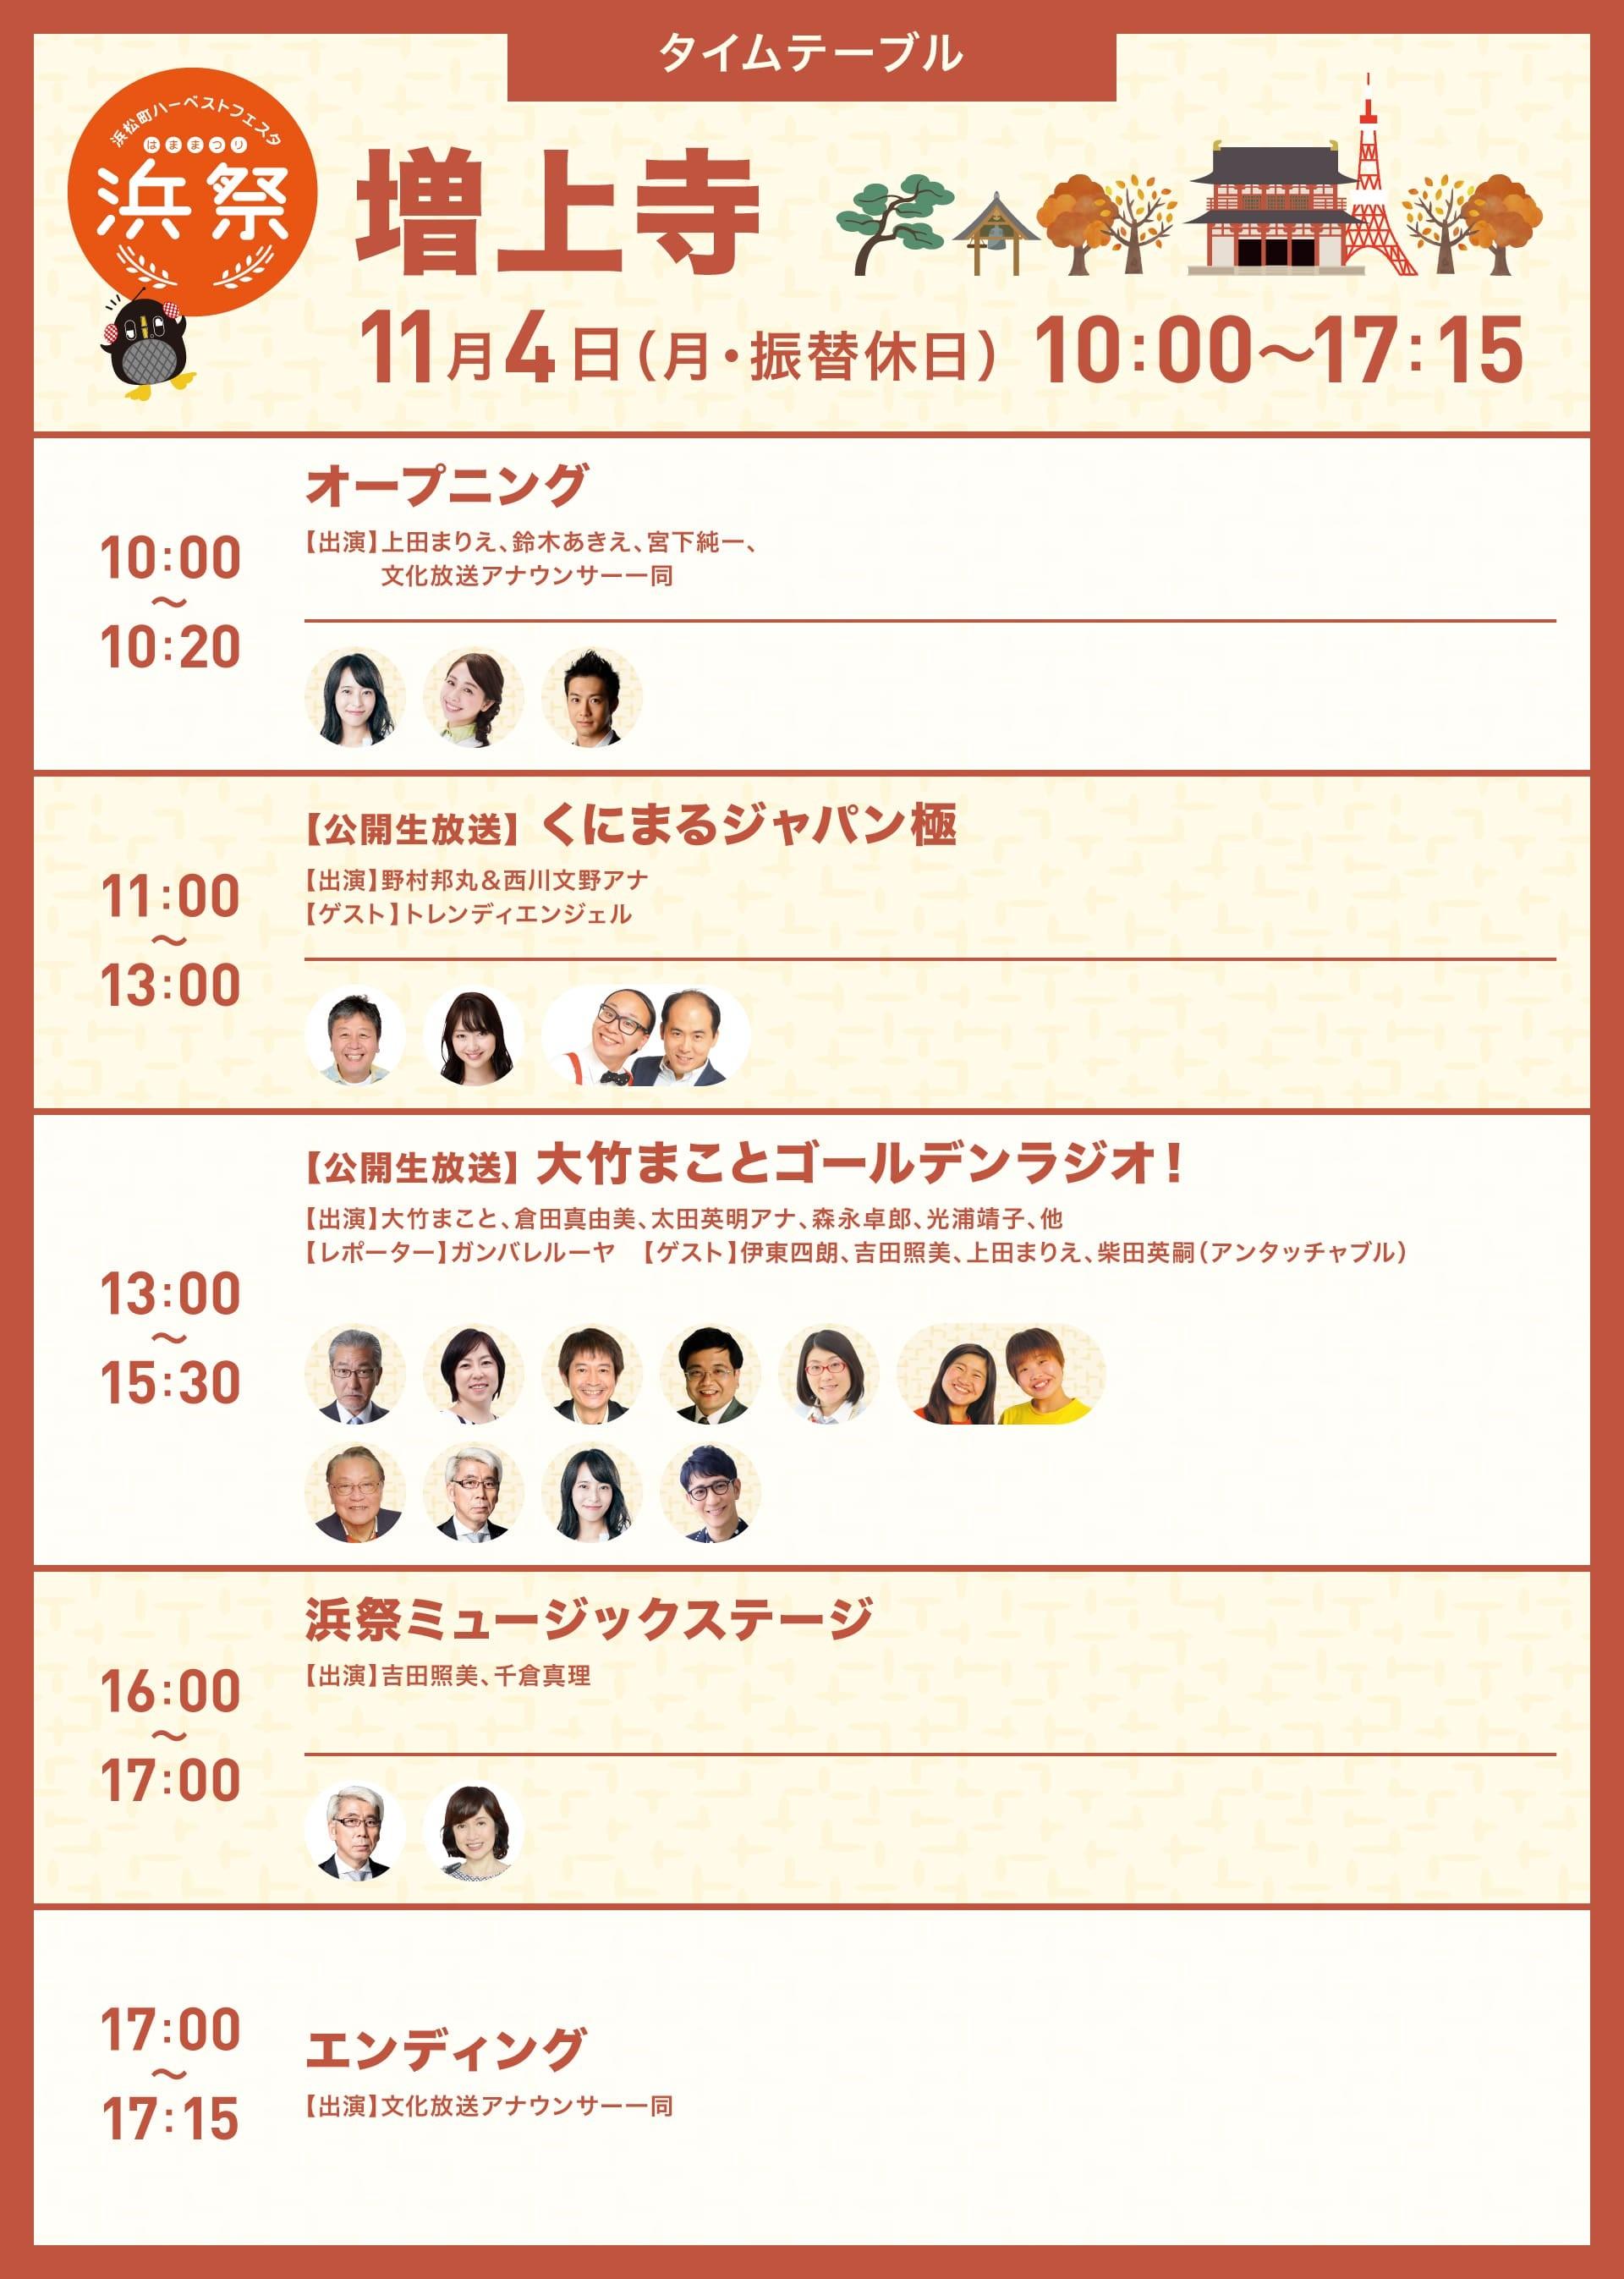 timetable_01.jpg